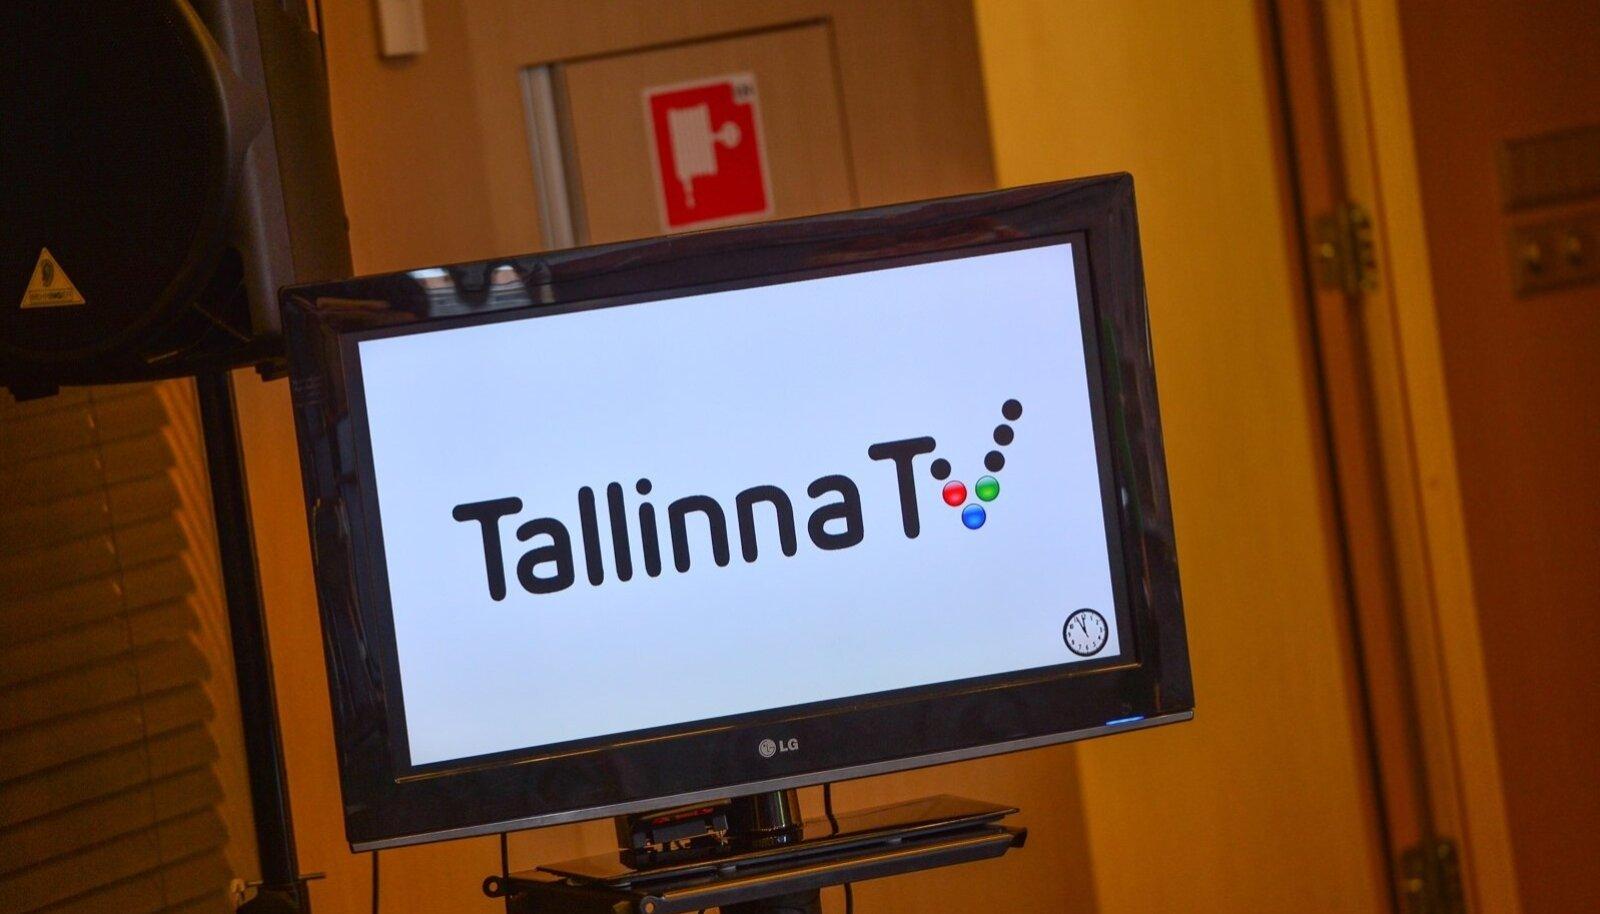 Tallinna TV meelsuse küsimus on nüüd juba riigipiiridki ületanud.